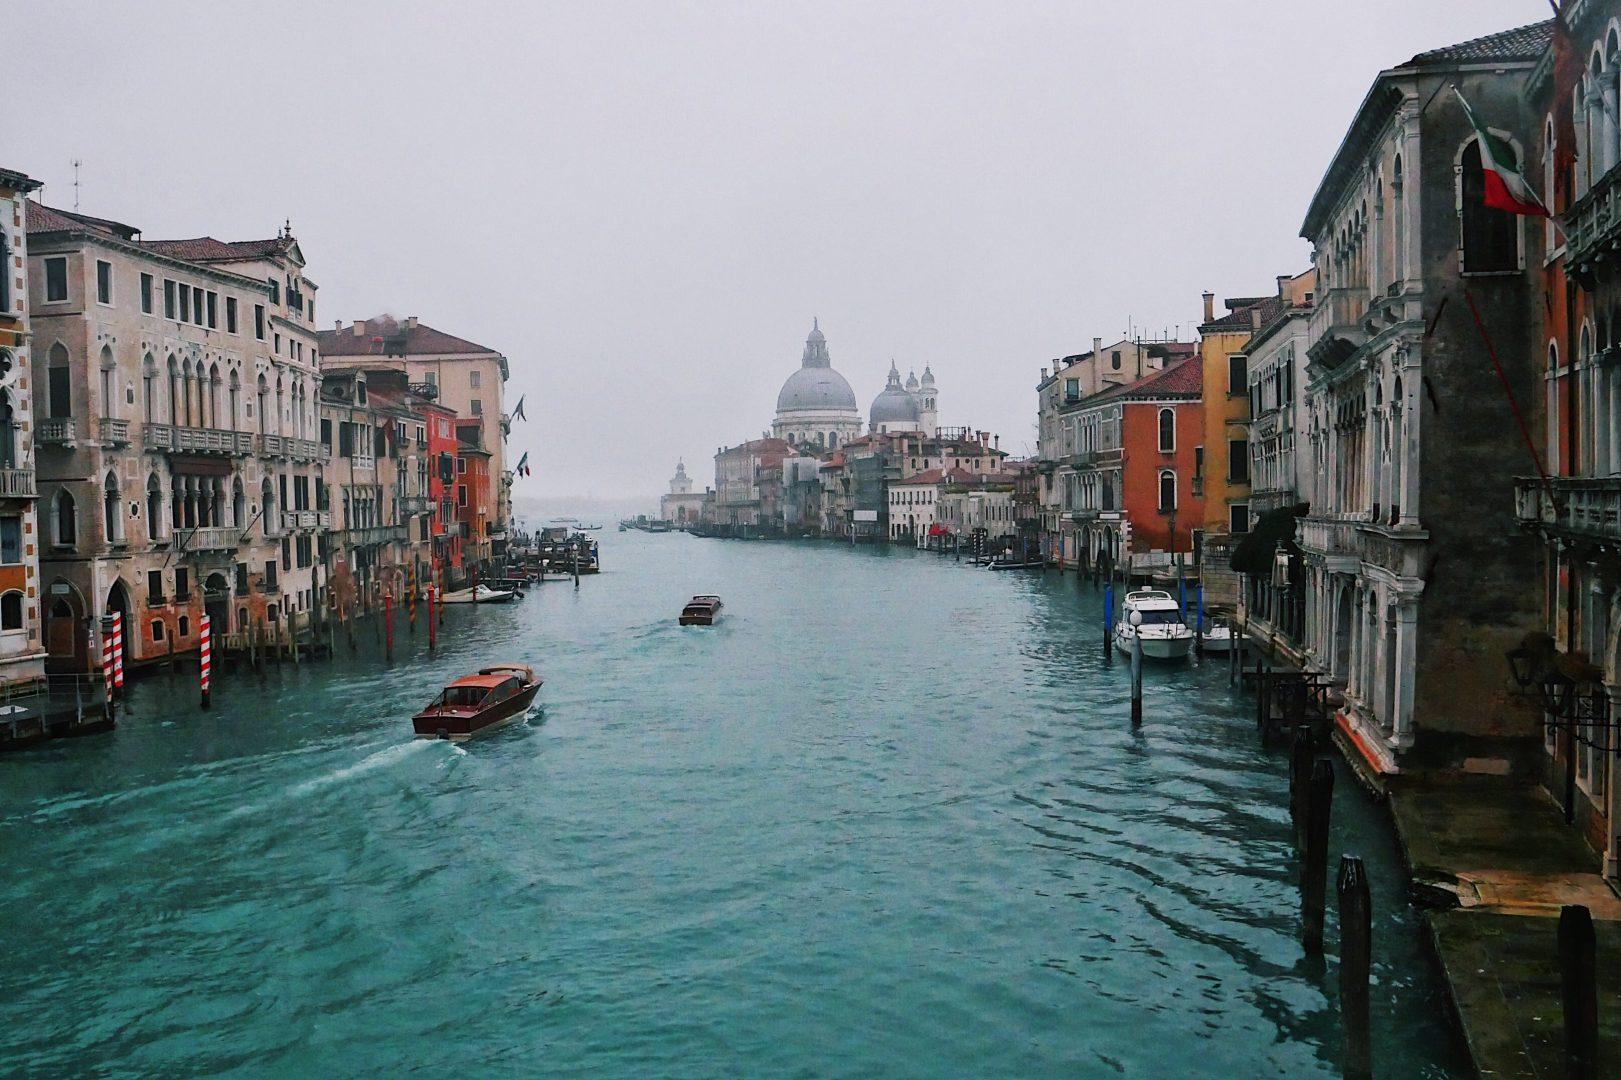 A Venezia alla scoperta di Bellotto e Canaletto